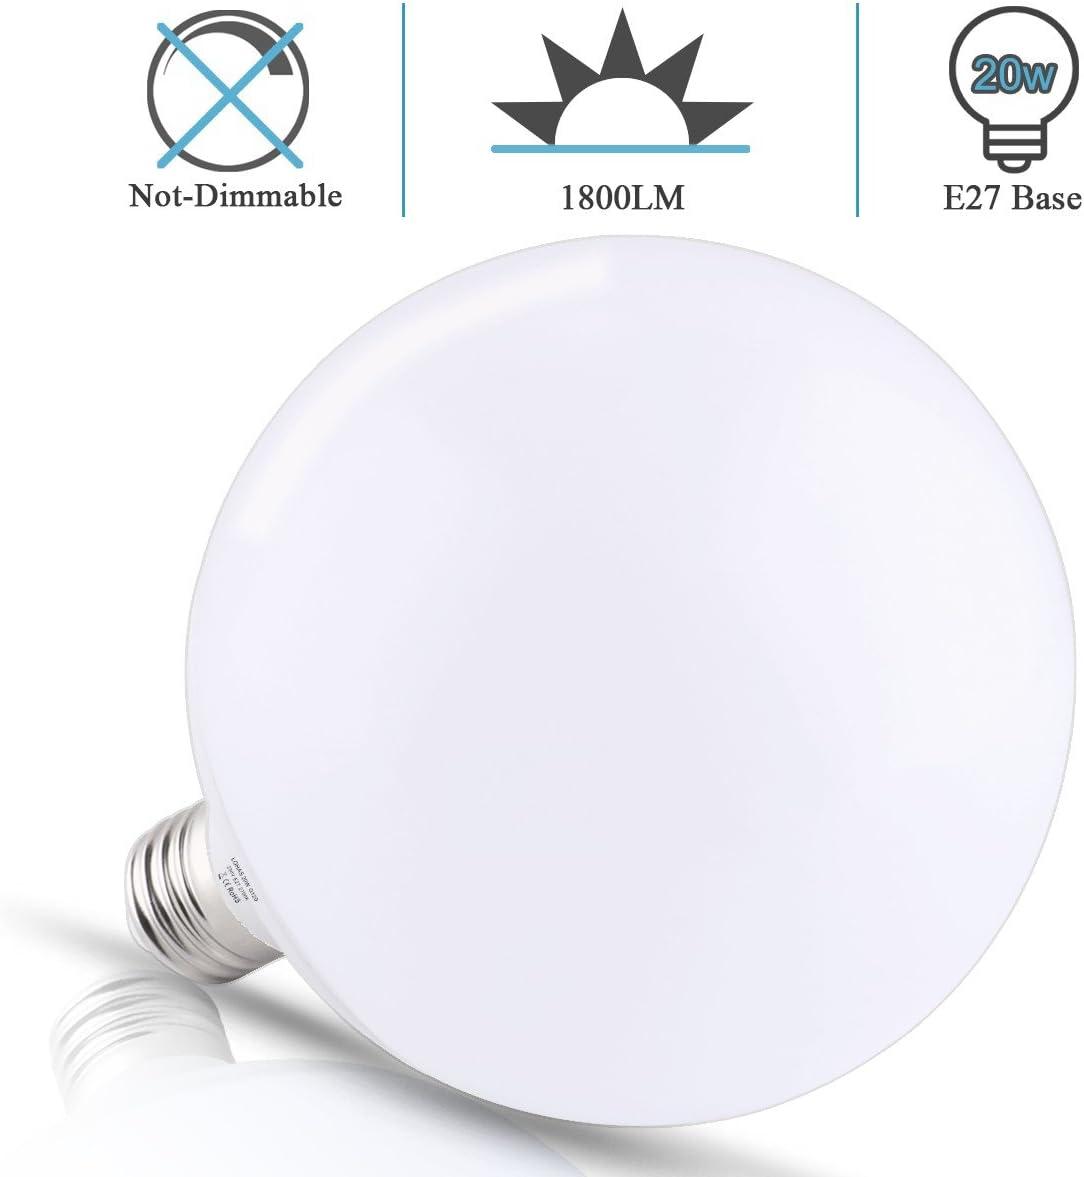 Non Dimmable LOHAS/® 20W E27 Lot de 1 Ampoule LED Globe Lampe Bulb Spotlight,2700K Blanc Chaud,1800lm,200W Ampoule Halog/ène /Équivalent